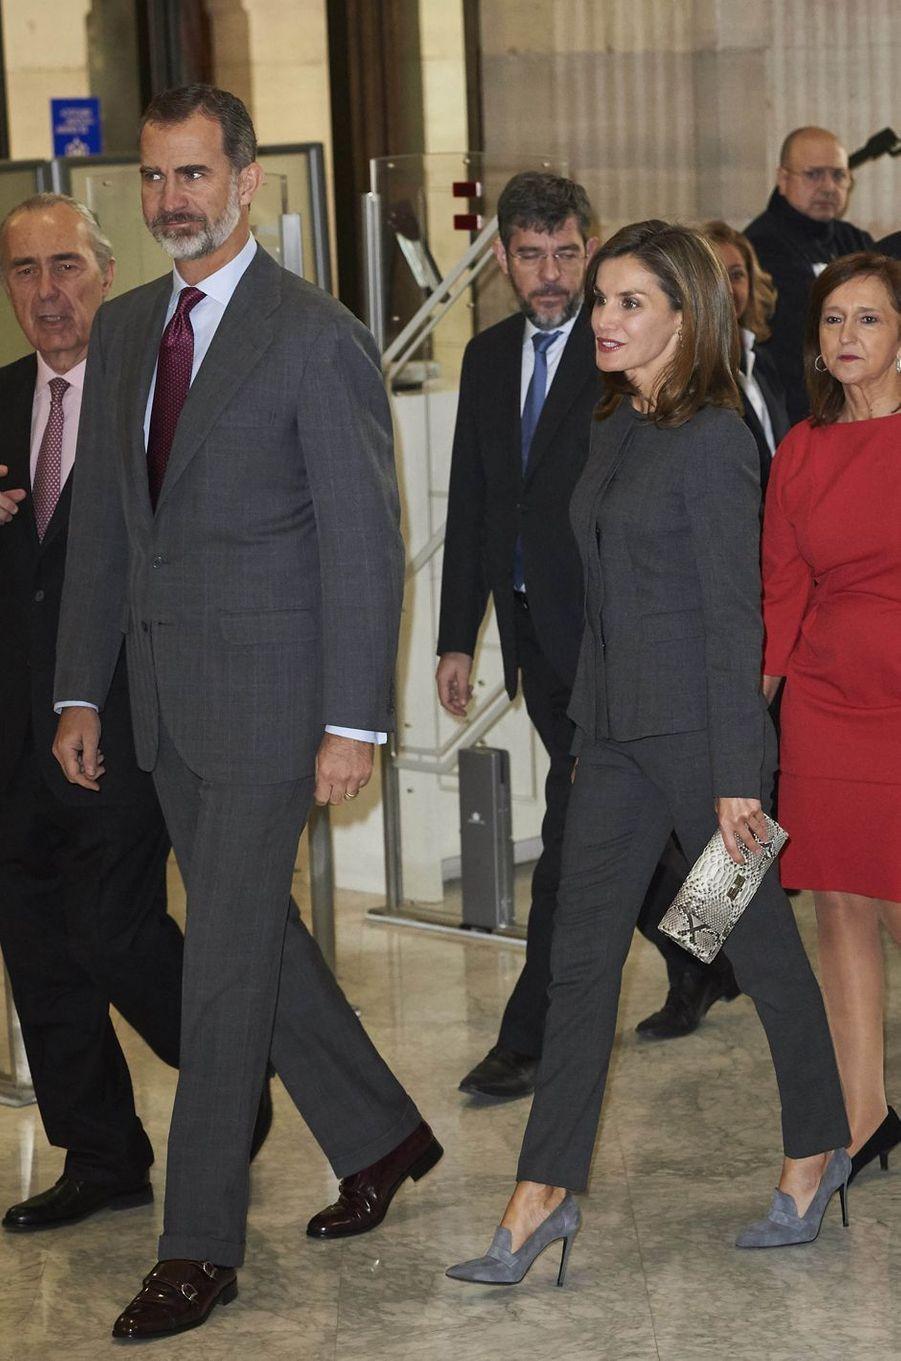 La reine Letizia et le roi Felipe VI d'Espagne à la Bibliothèque nationale à Madrid, le 24 novembre 2017